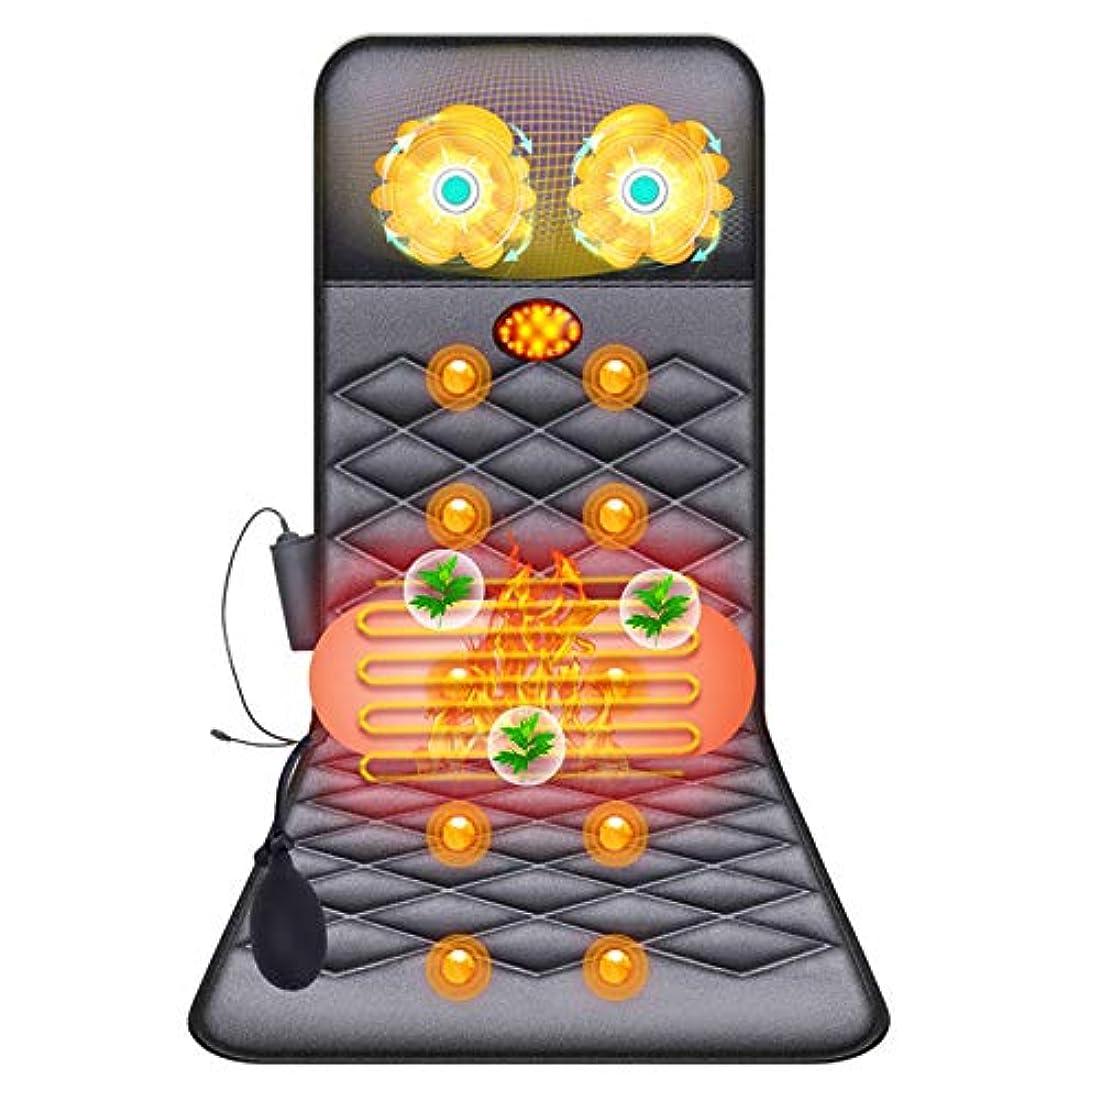 見出しかわす監査電気バックマッサージマットレス赤外線暖房ネックマッサージマットレスエアバッグバックウエストヒップ多機能フルボディ温水マッサージマットレスマット